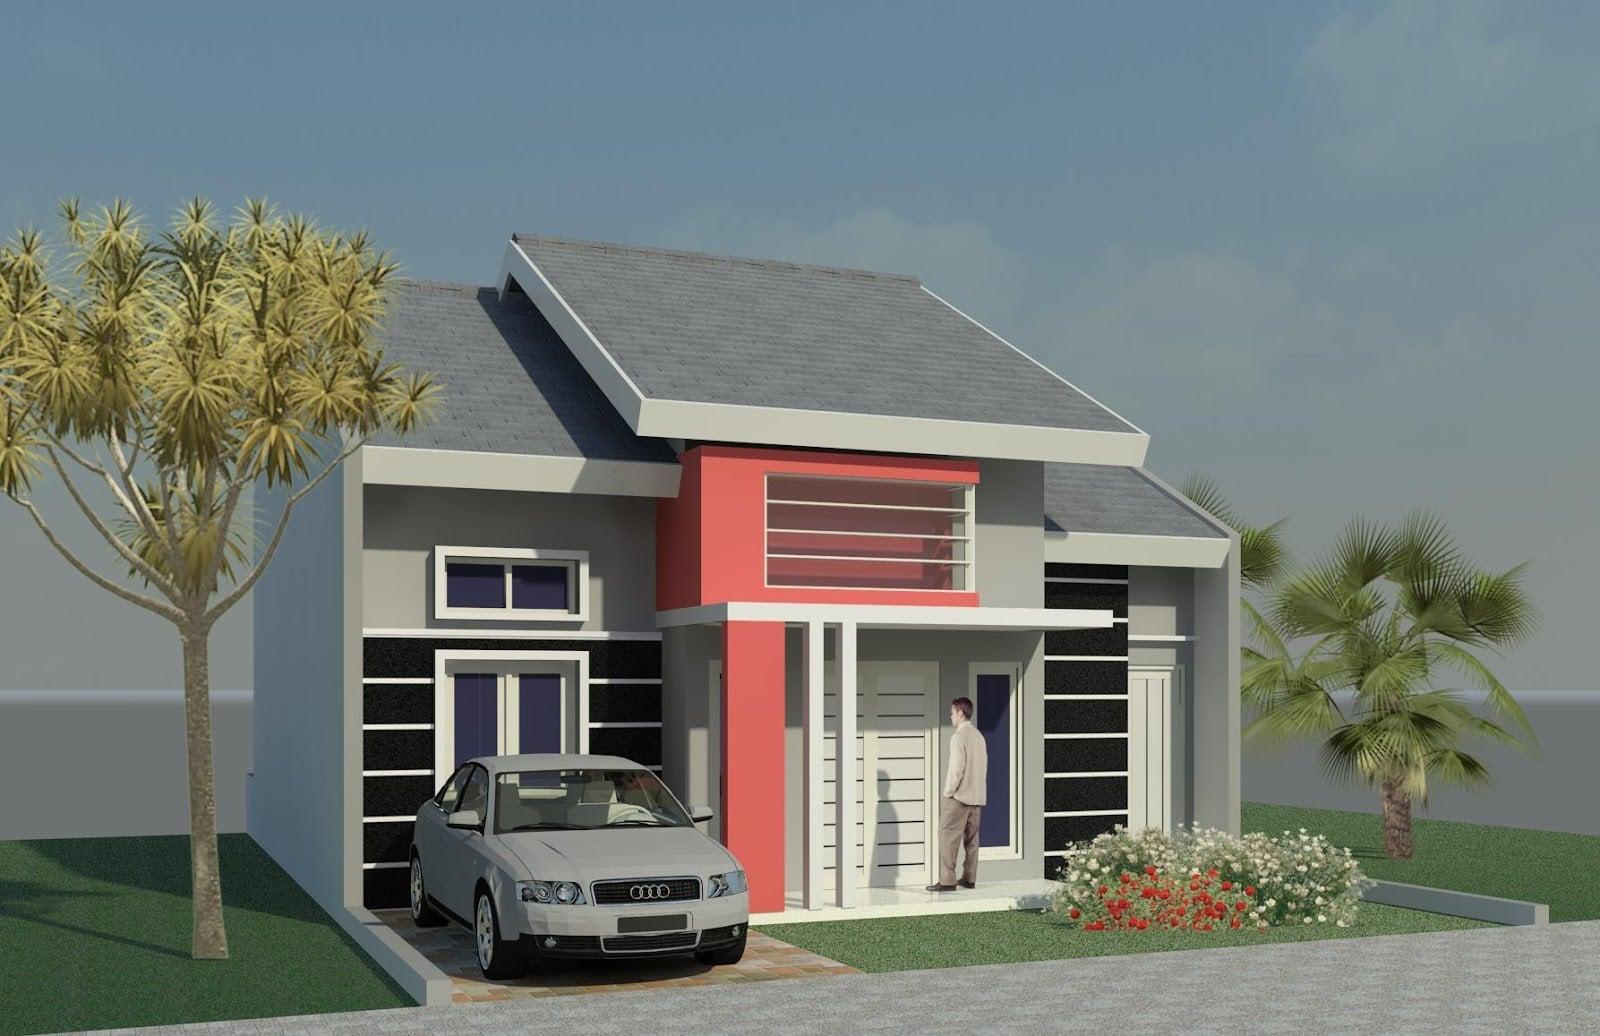 Unik 21 Gambar Rumah Perumahan 15 Dalam Inspirasi Ide Desain Interior Rumah untuk 21 Gambar Rumah Perumahan